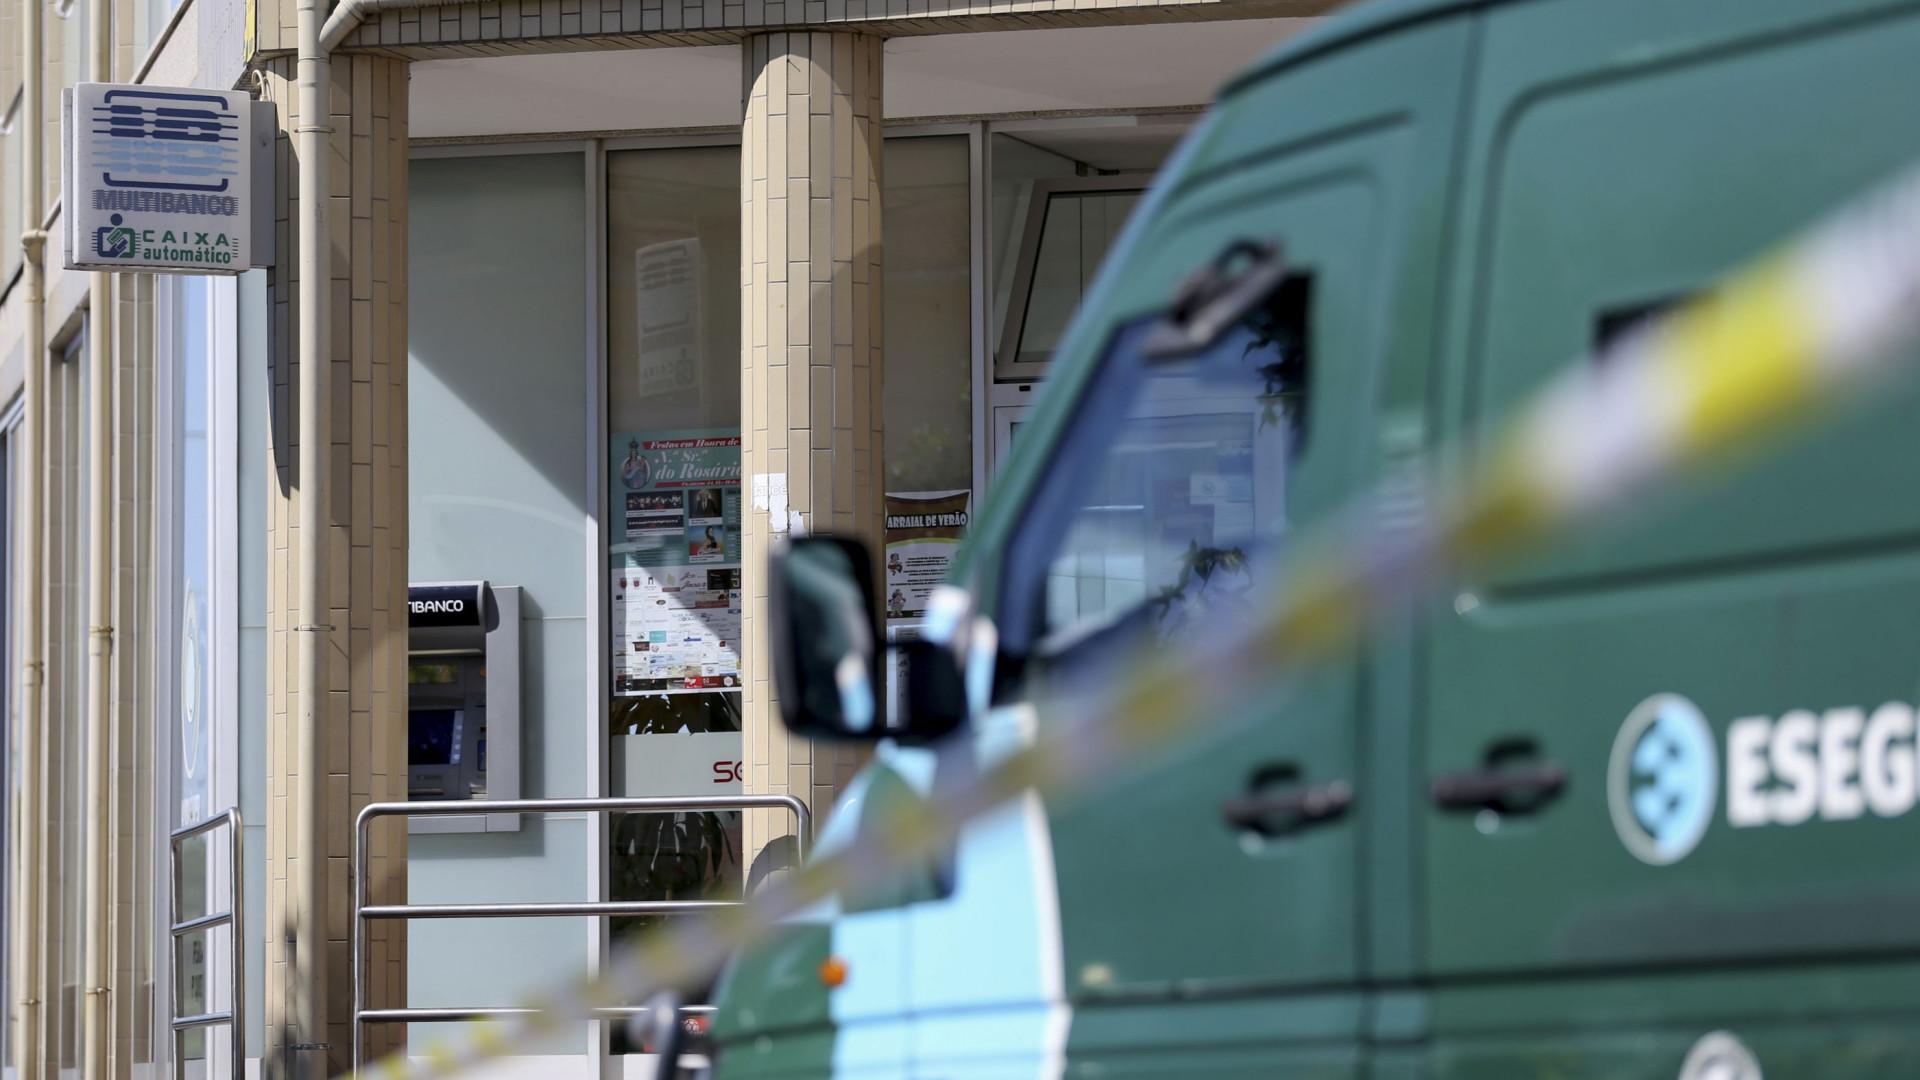 Assalto a carrinha de valores em Fafe. Dois homens em fuga